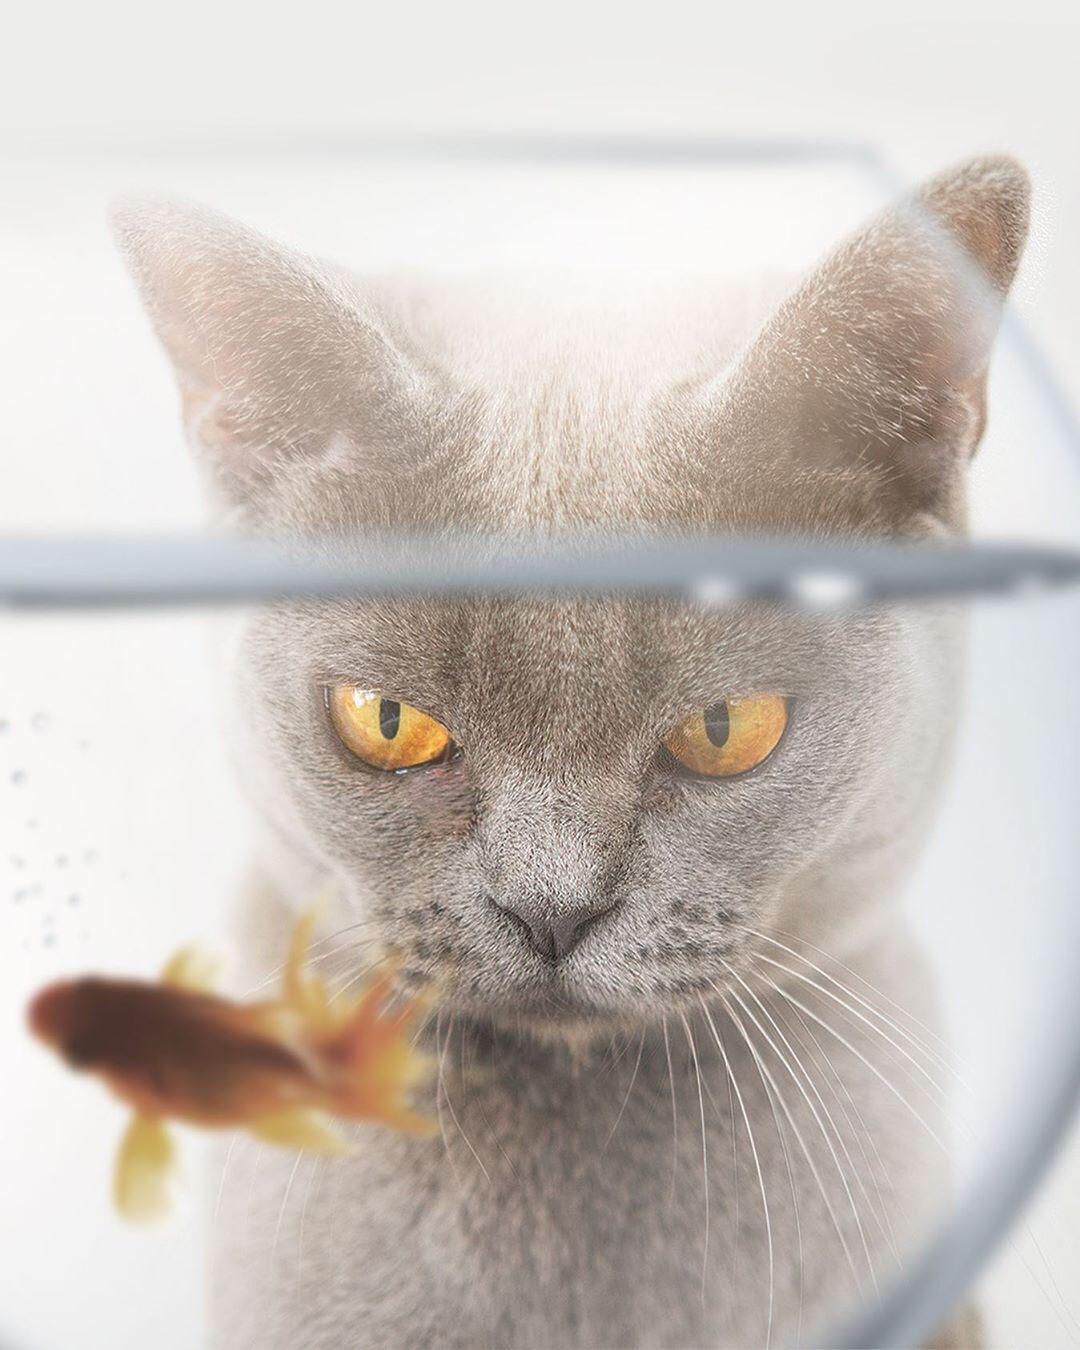 Фото Сердитый кот смотрит на золотую рыбку в аквариуме, by Zenja Gammer